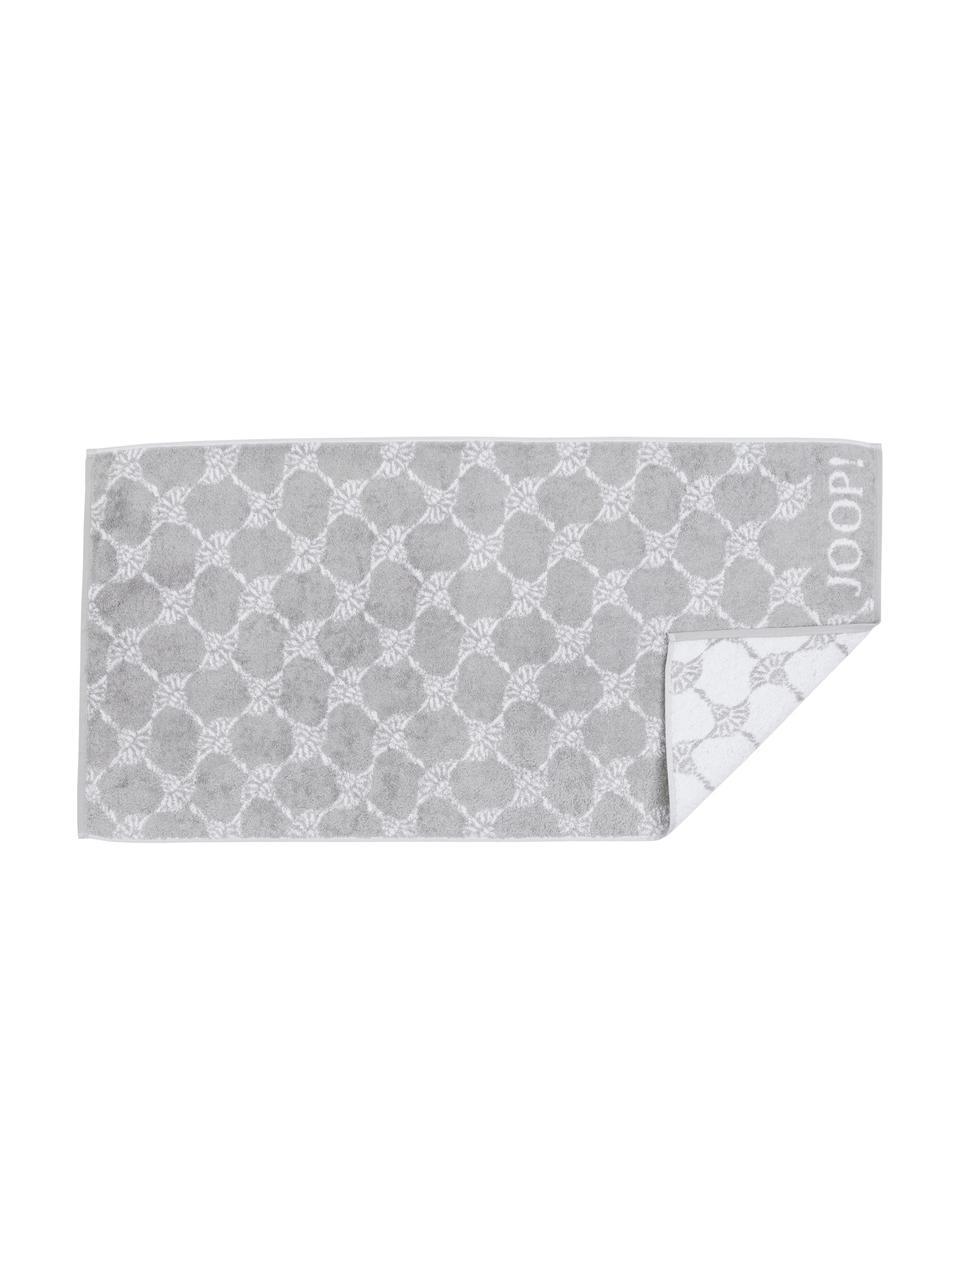 Handtuch Classic Cornflower in verschiedenen Größen, mit Kornblumen-Print, Silbergrau, Weiß, Handtuch